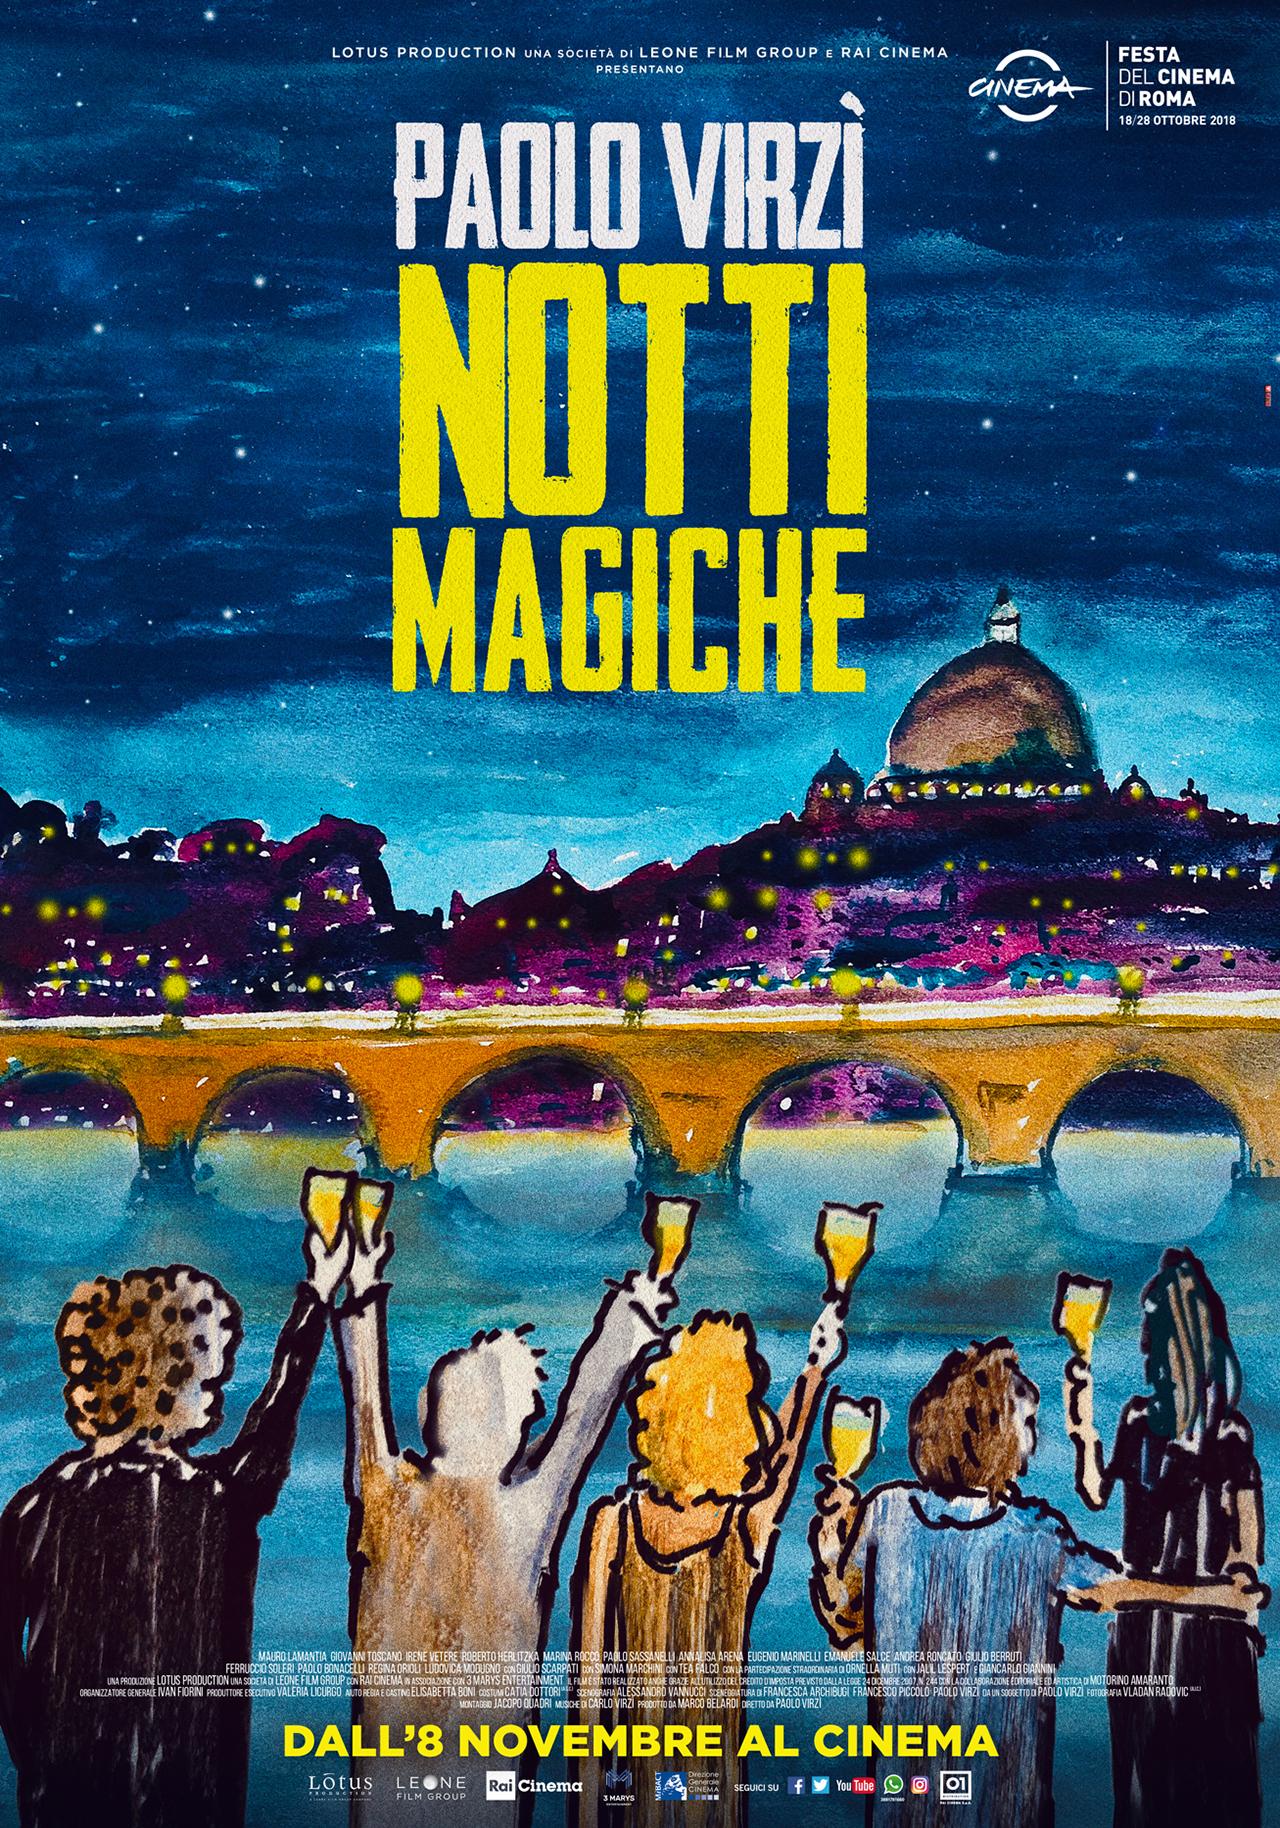 Bildergebnis für Notti magiche poster